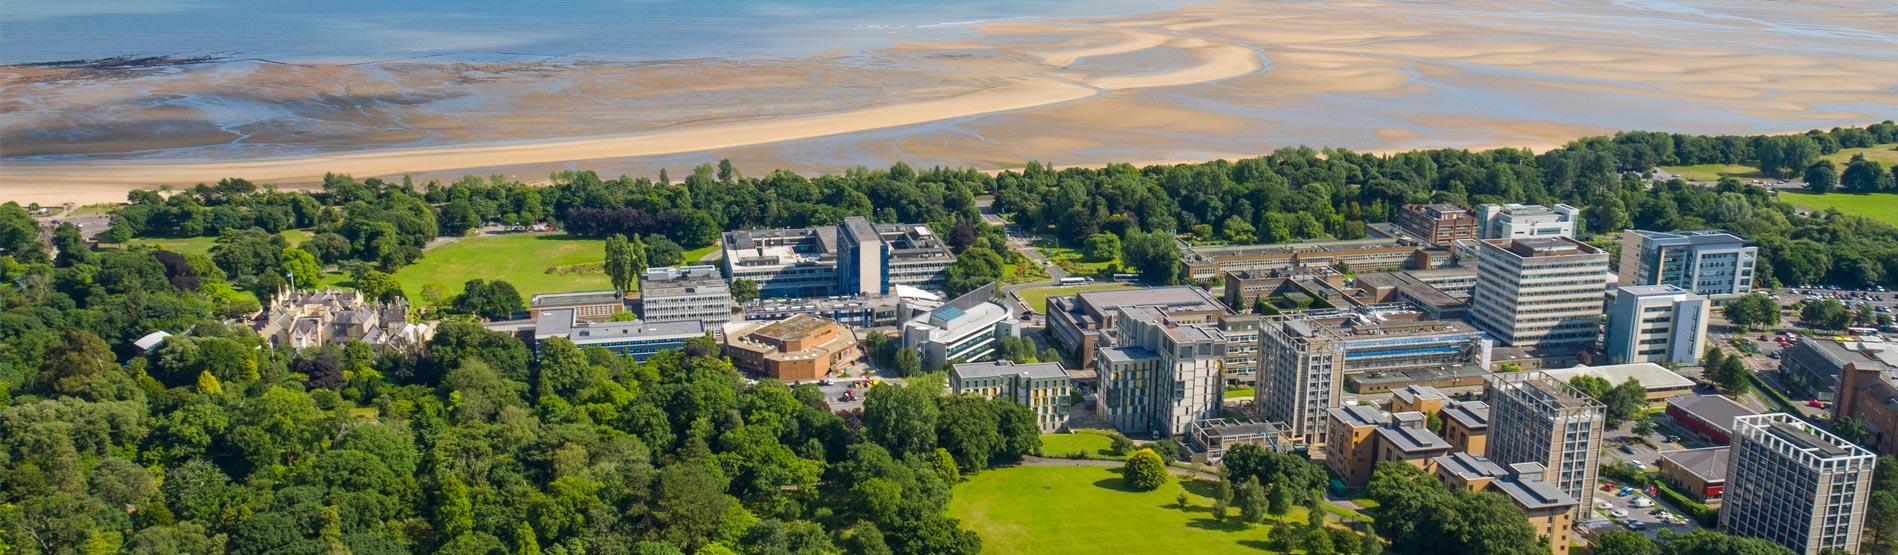 2019年《泰晤士报》英国大学排名前30强